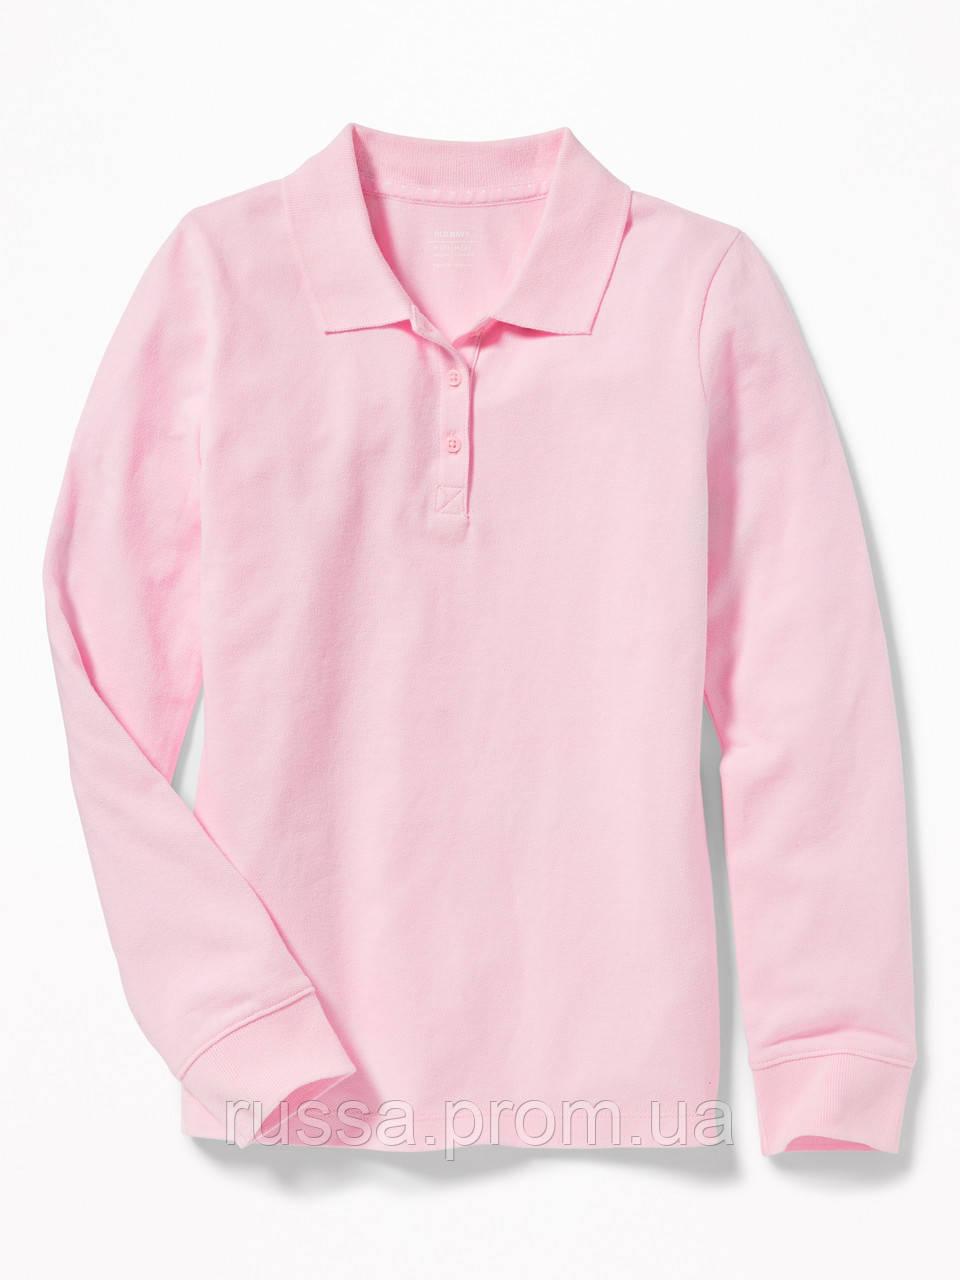 Детское розовое поло с длинным рукавом Old Navy для девочки